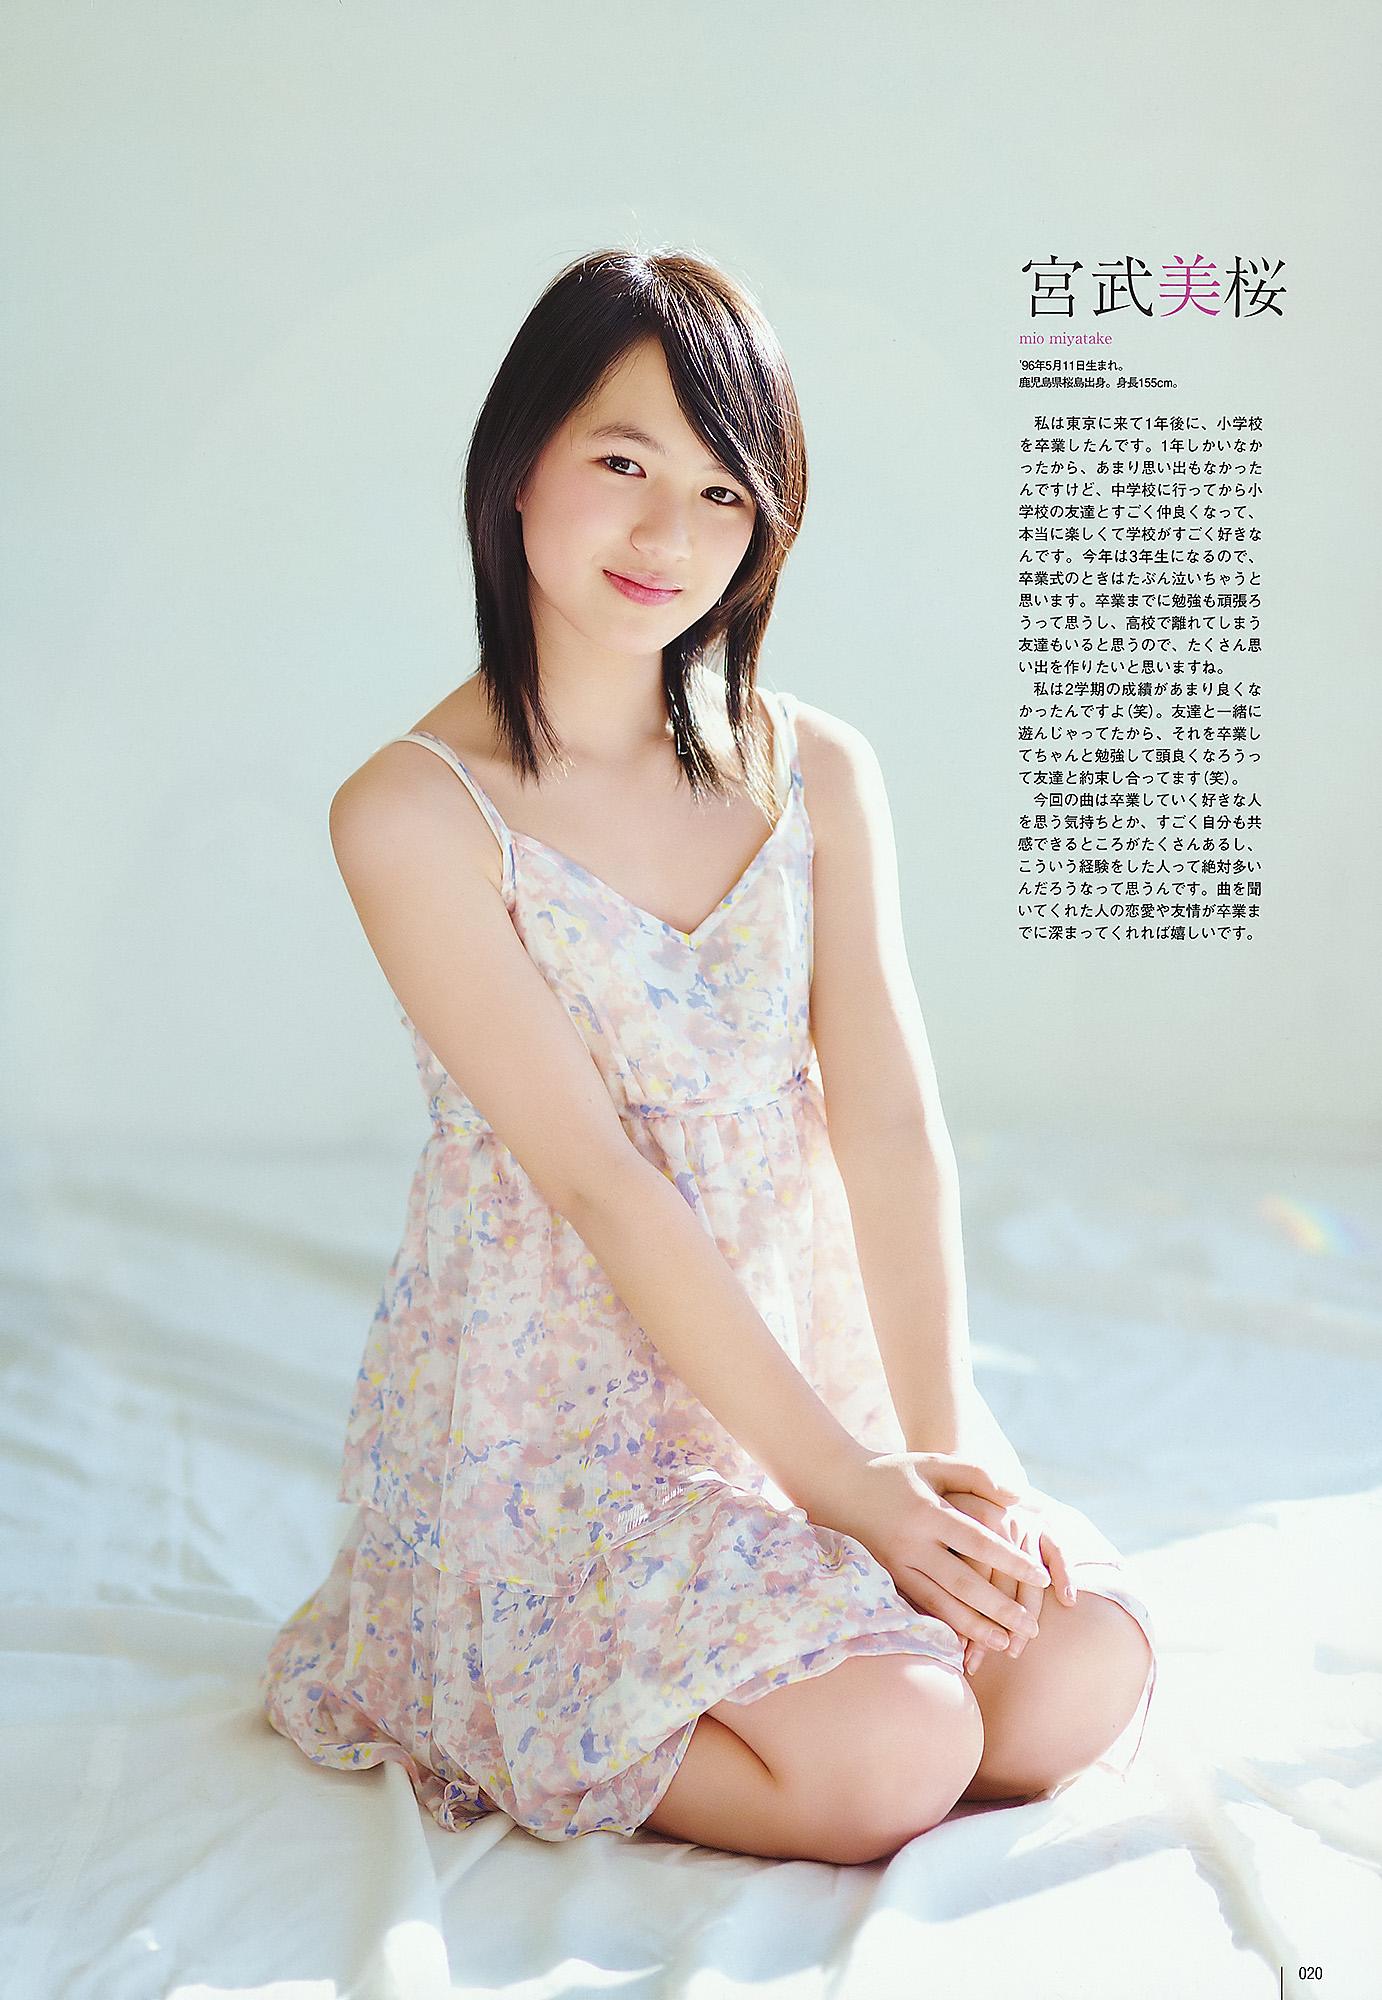 宮武美桜の画像 p1_8